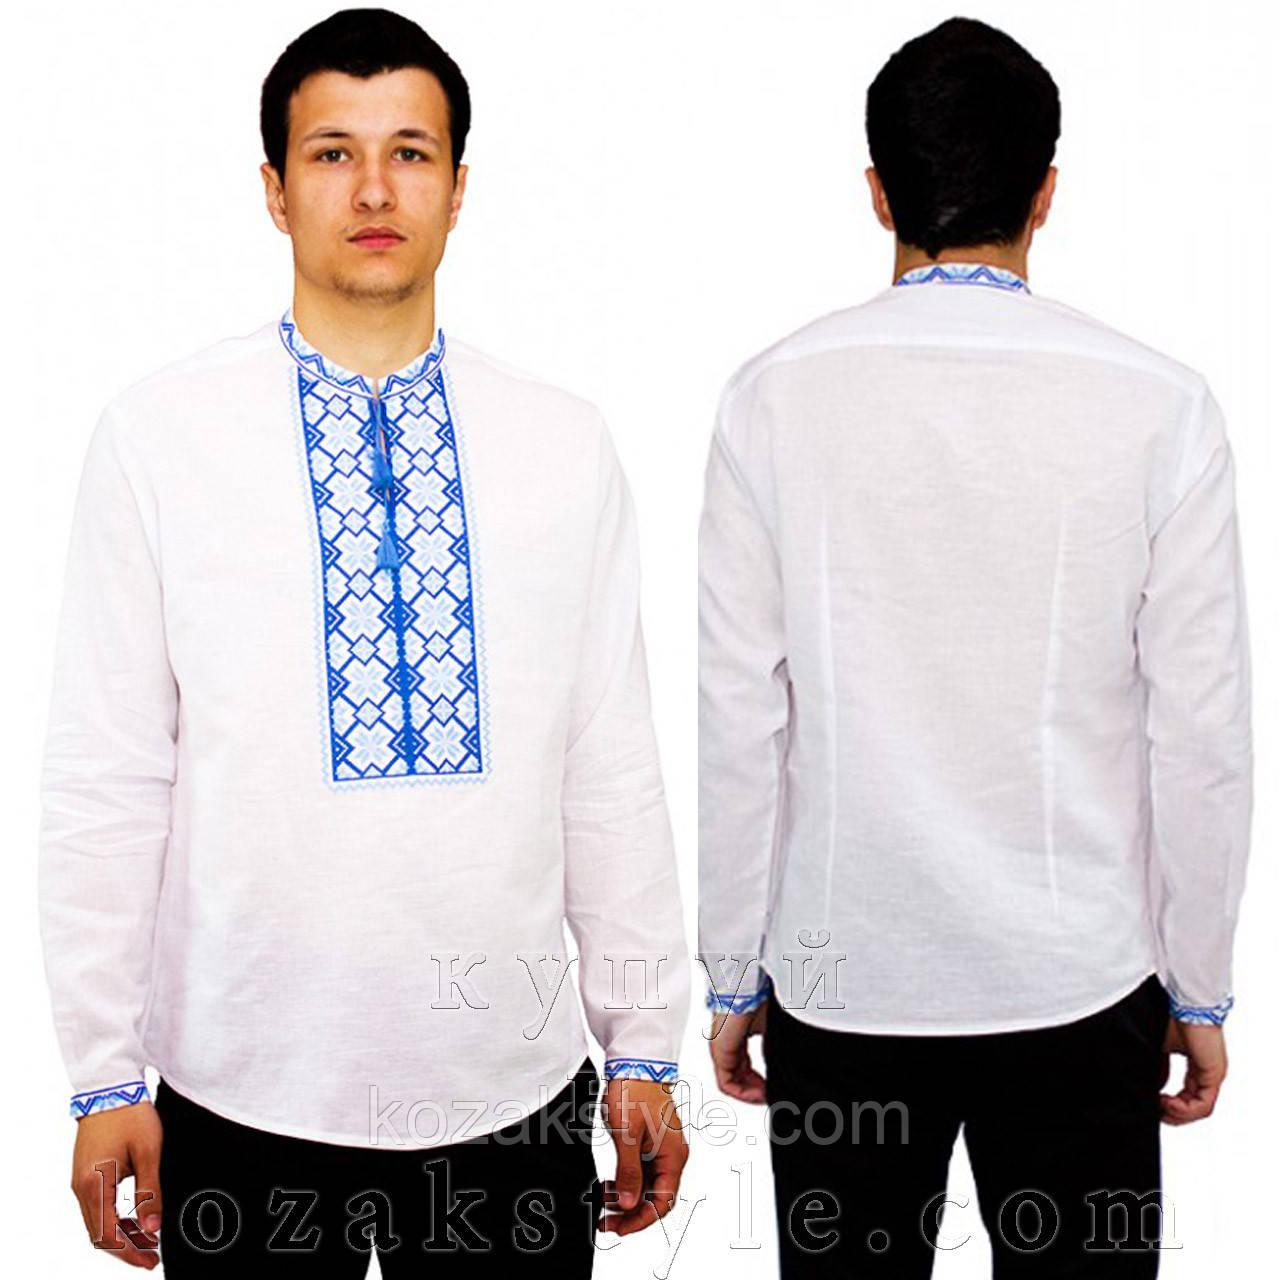 Біла чоловіча вишиванка з синьою вишивкою